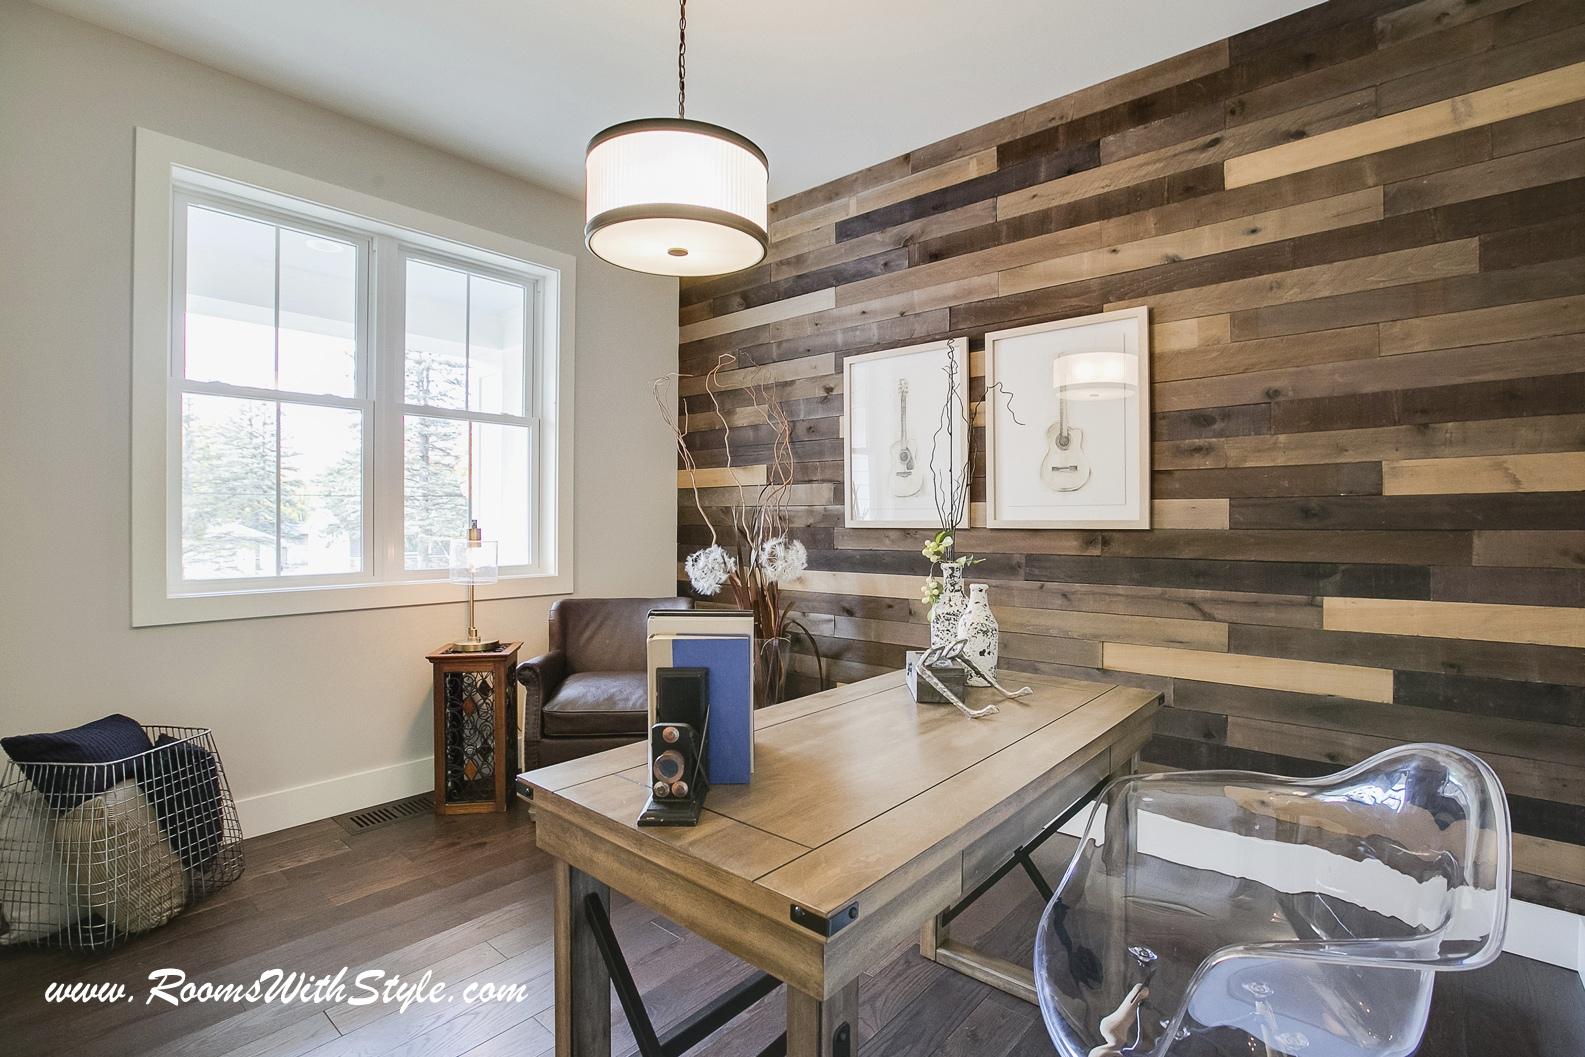 Chic Farmhouse Style Comes To Suburban Minneapolis HomesMSP